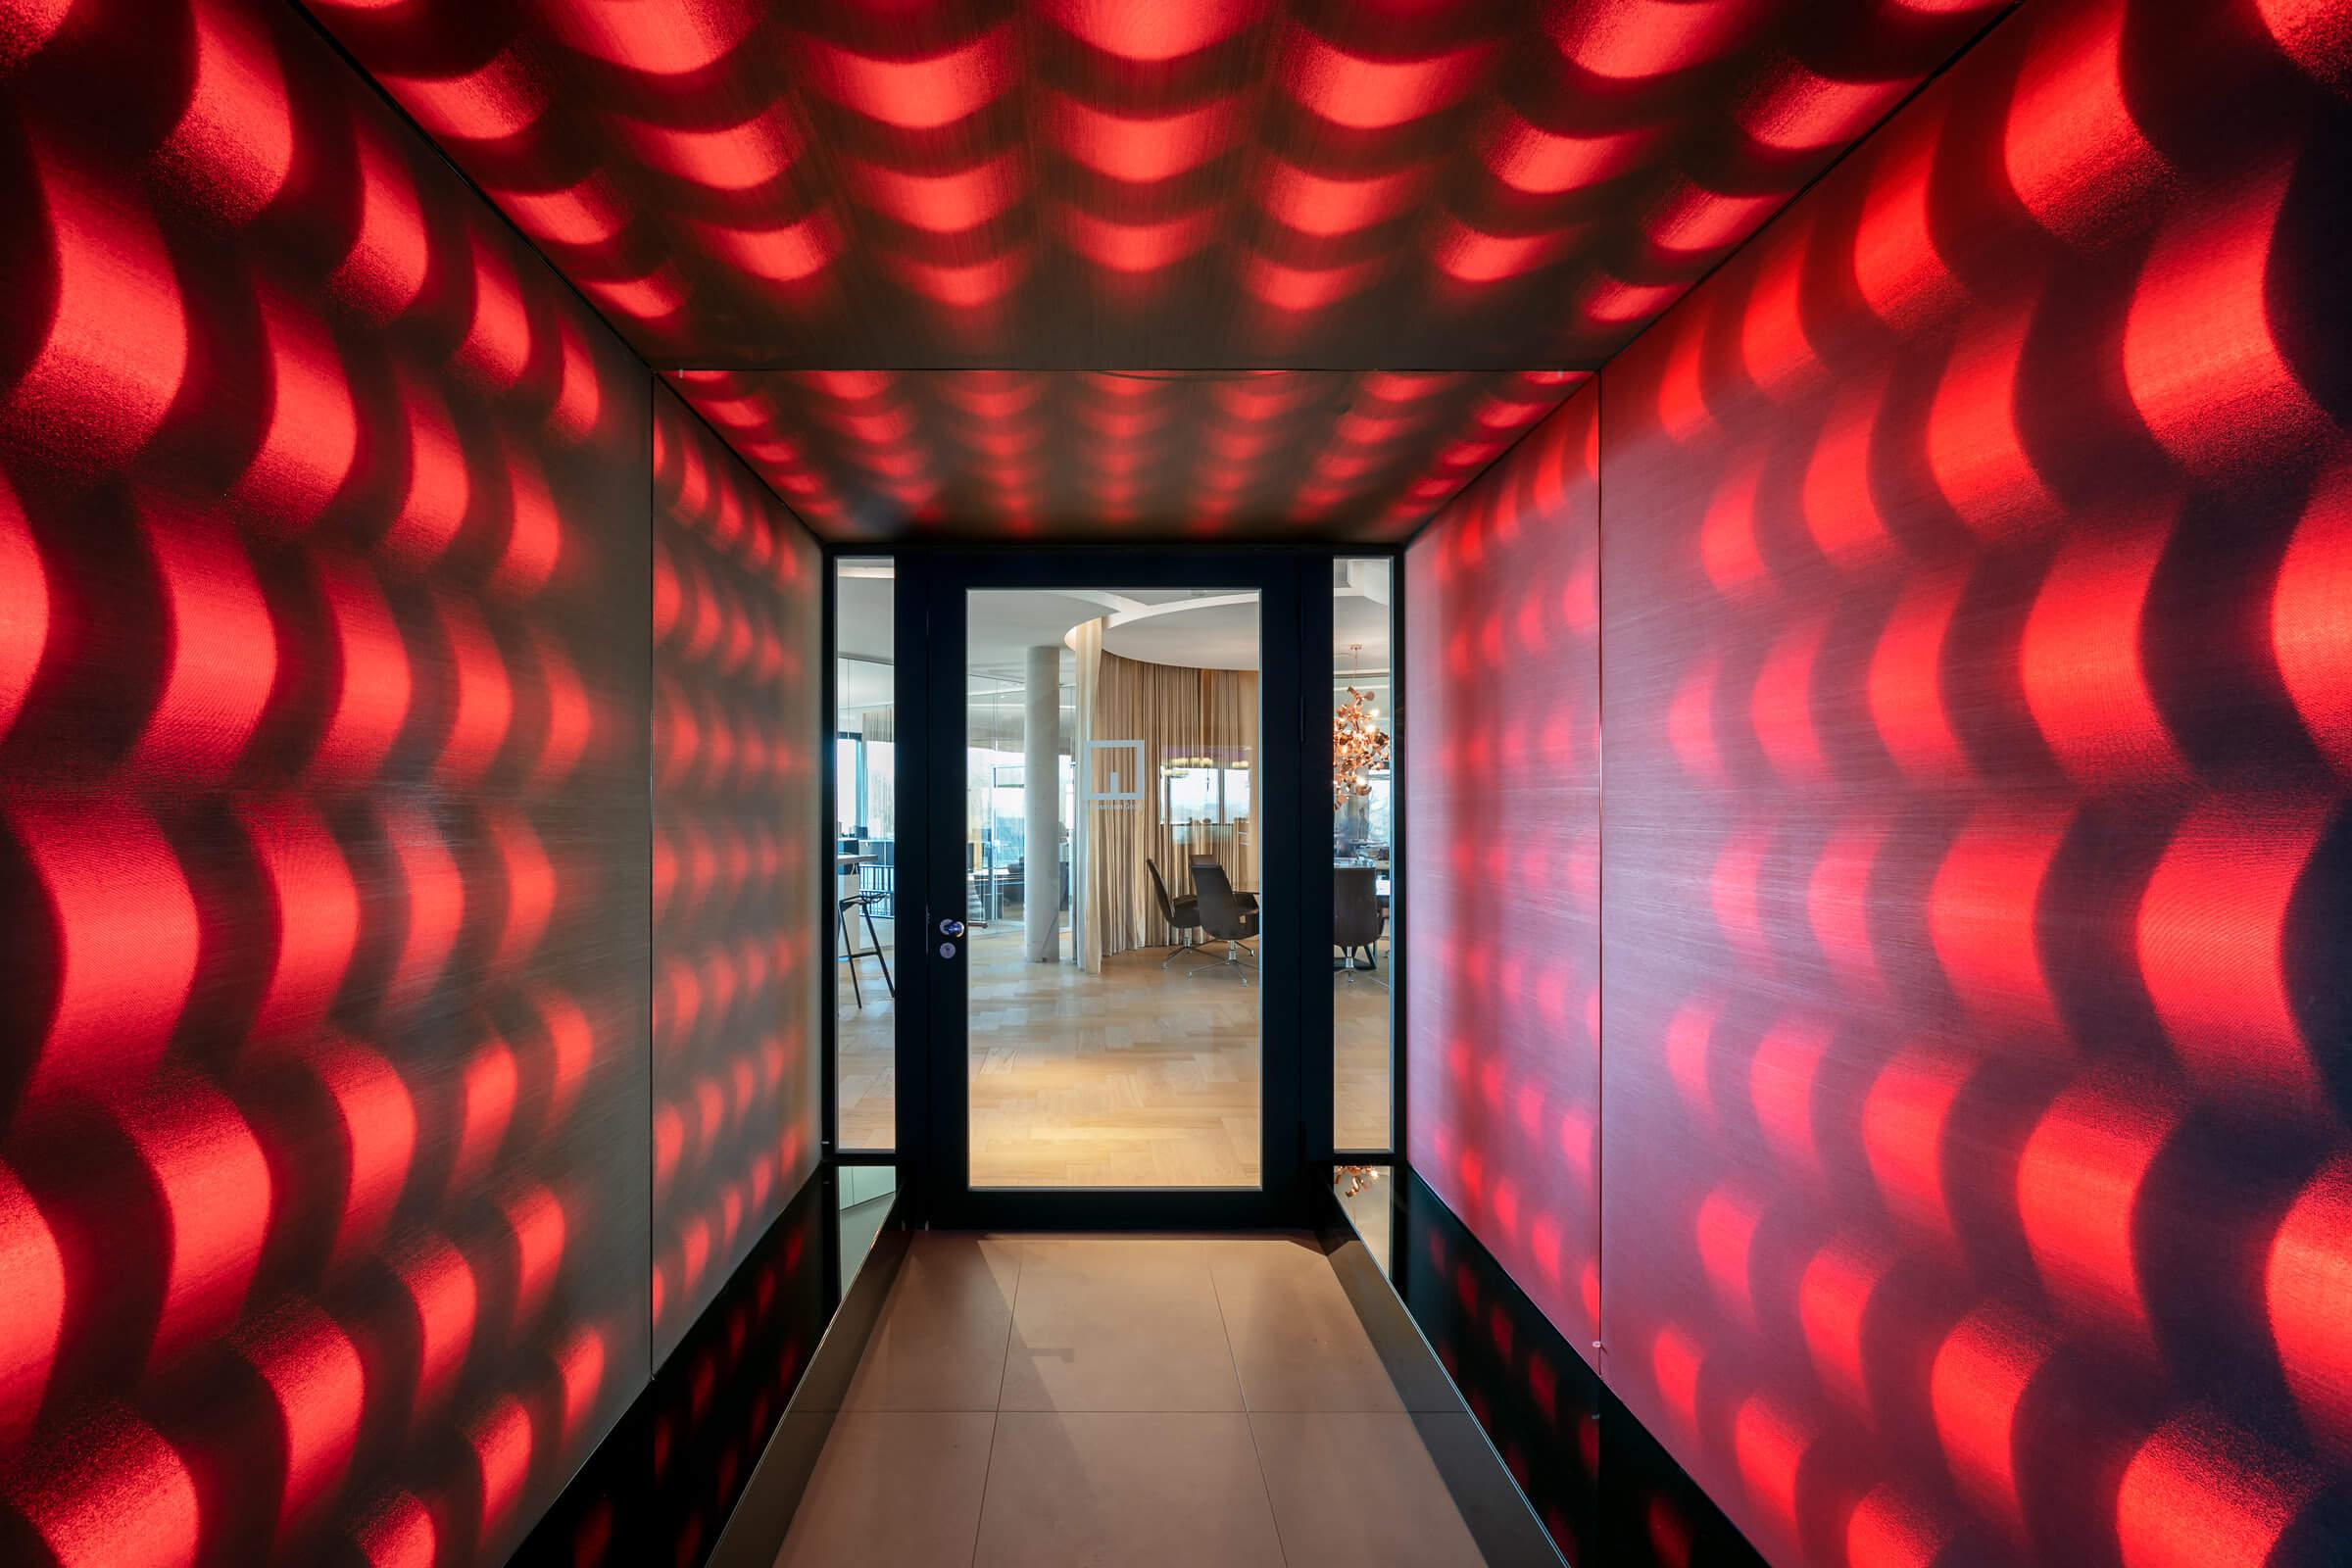 Ein Eingangsbereich mit rot leuchtenden LEDs im Leuchtkasten